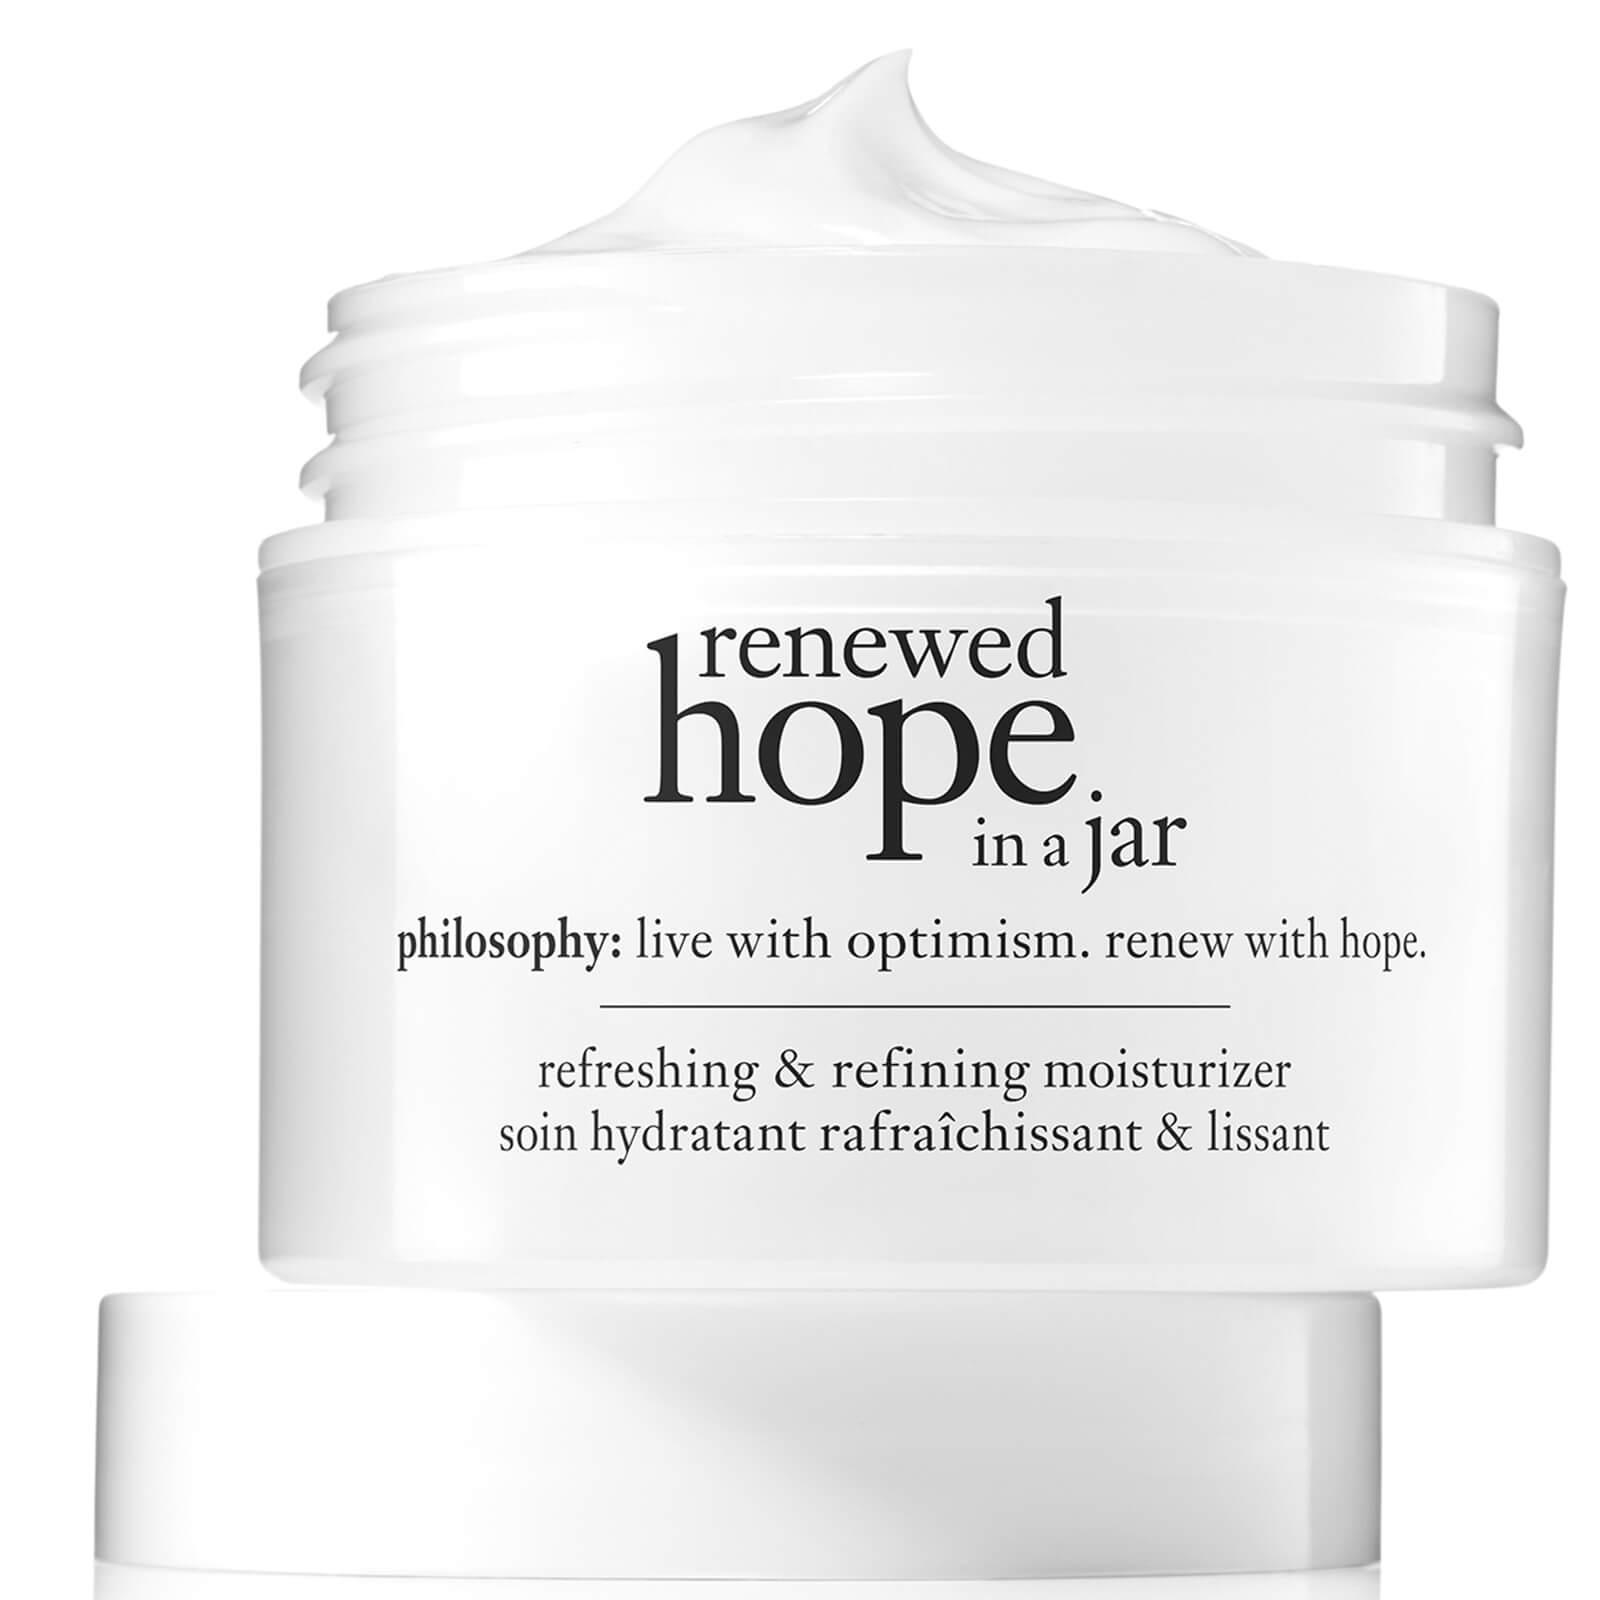 Купить Увлажняющий крем для лица philosophy Renewed Hope in a Jar Moisturiser 60 мл